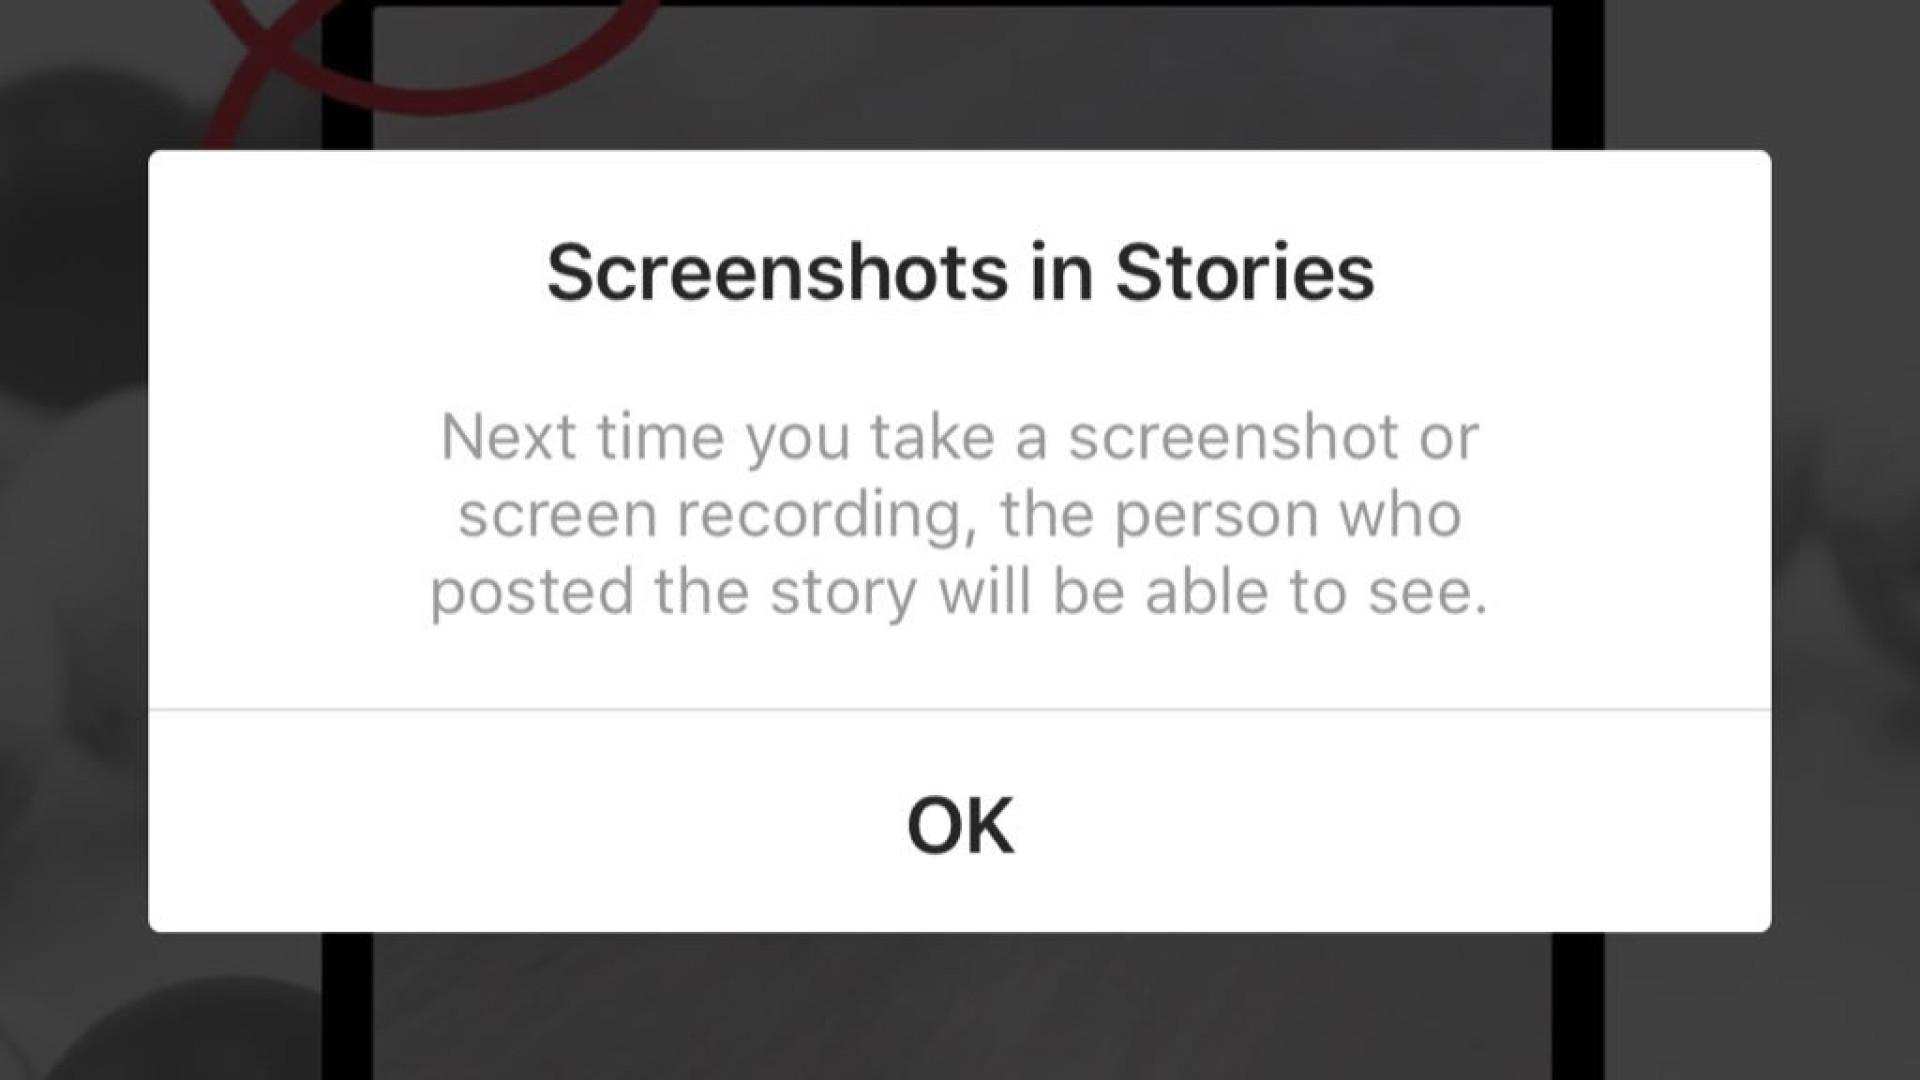 Instagram alerta se fizer captura de ecrã nas Stories. Saiba como evitar